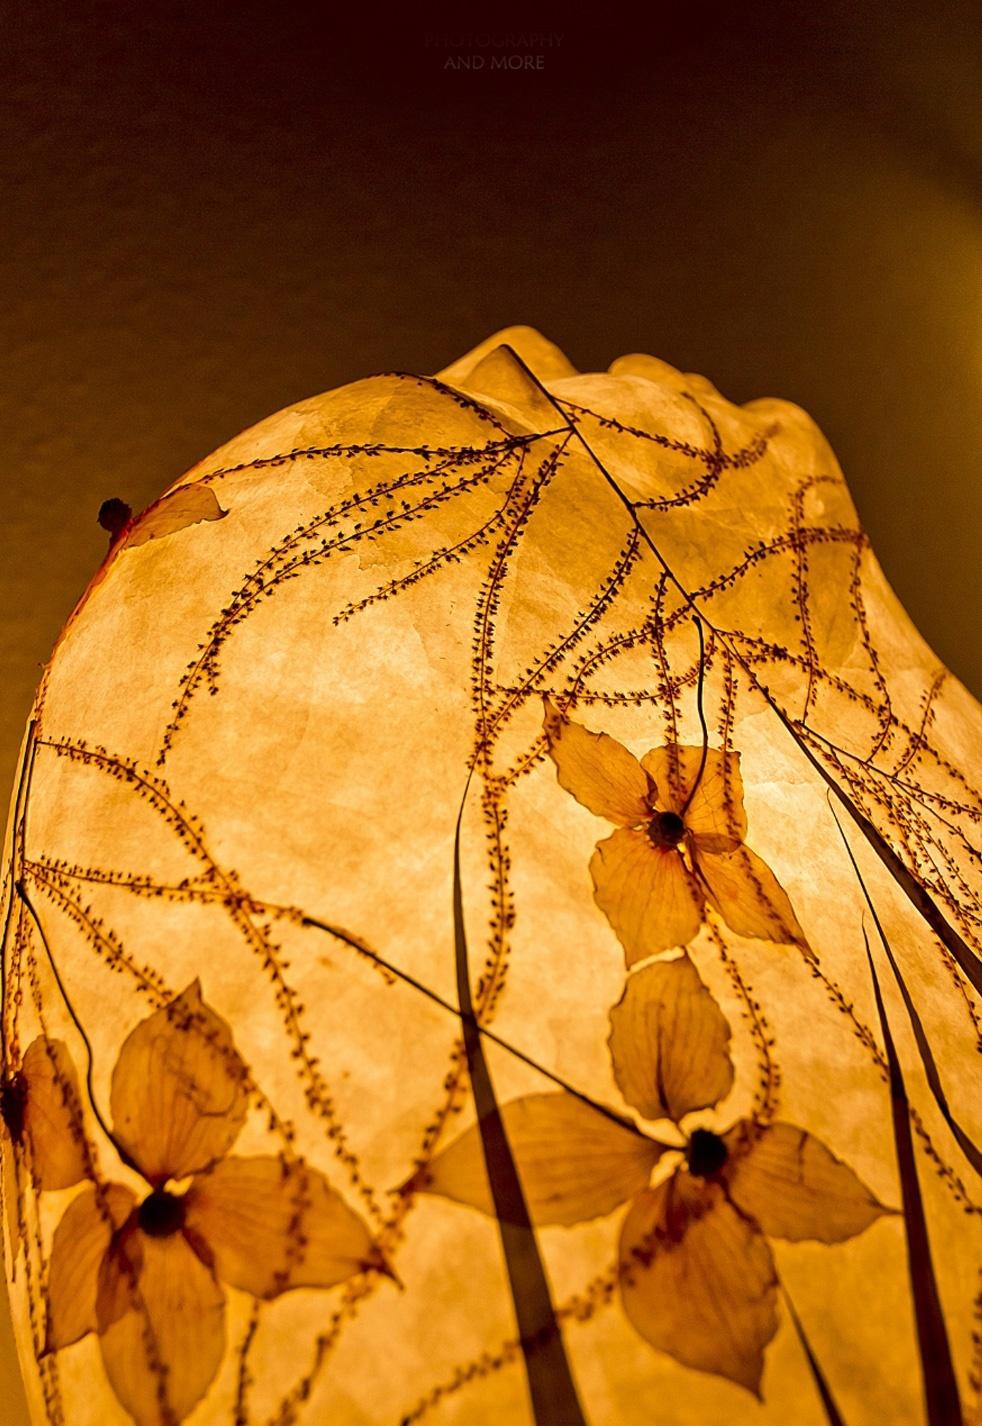 Lichtobjekt Lichtckulptur Ananda